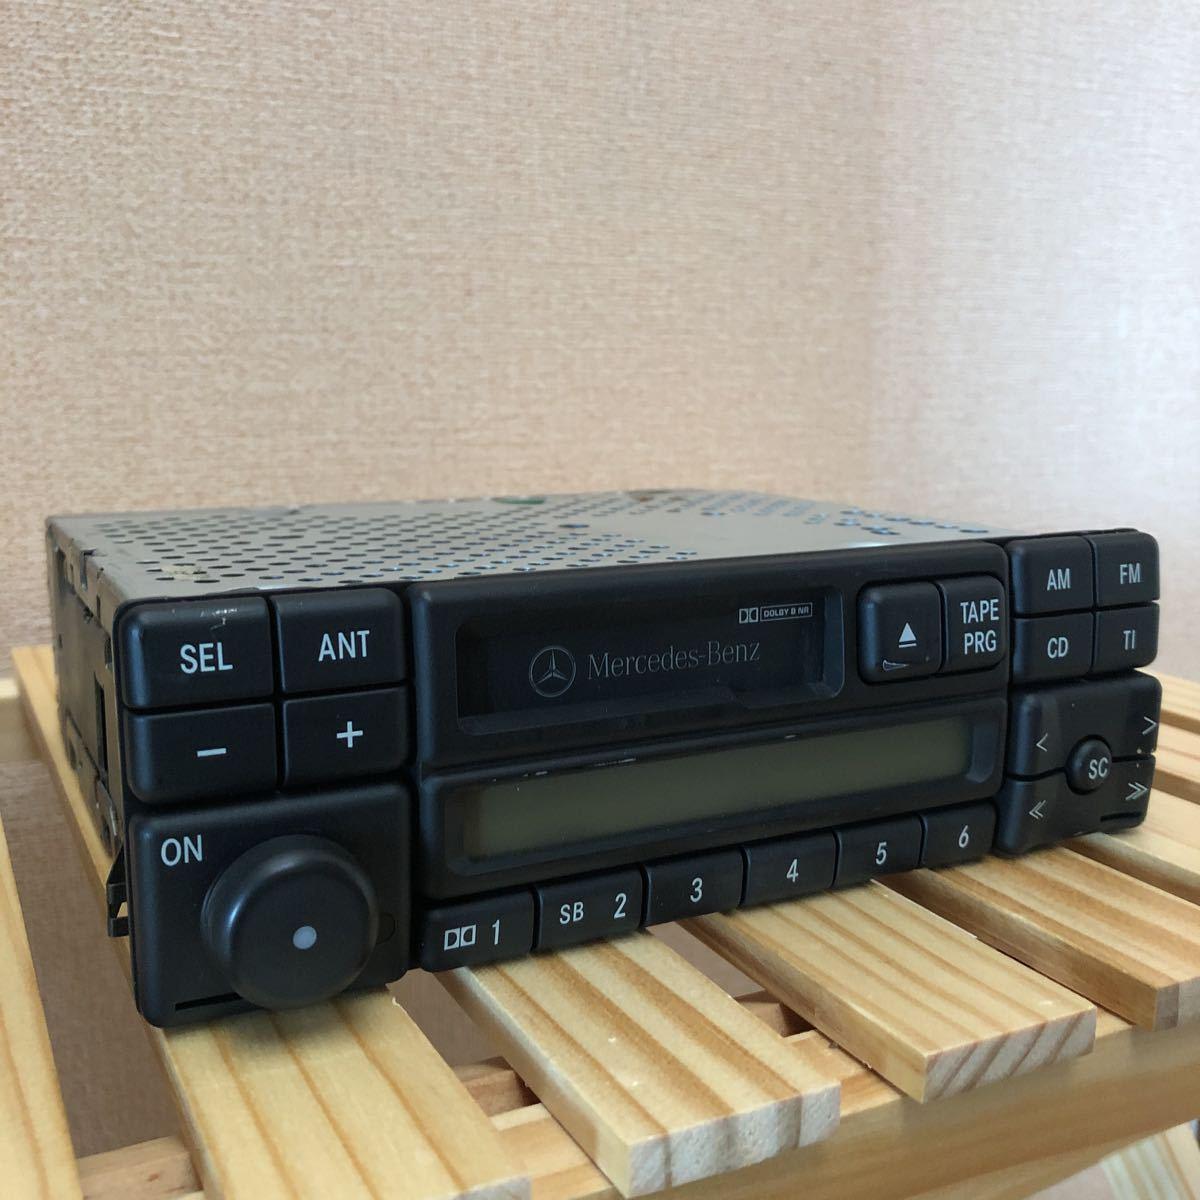 メルセデスベンツ 純正カセットデッキ W124 動作確認済み_画像2